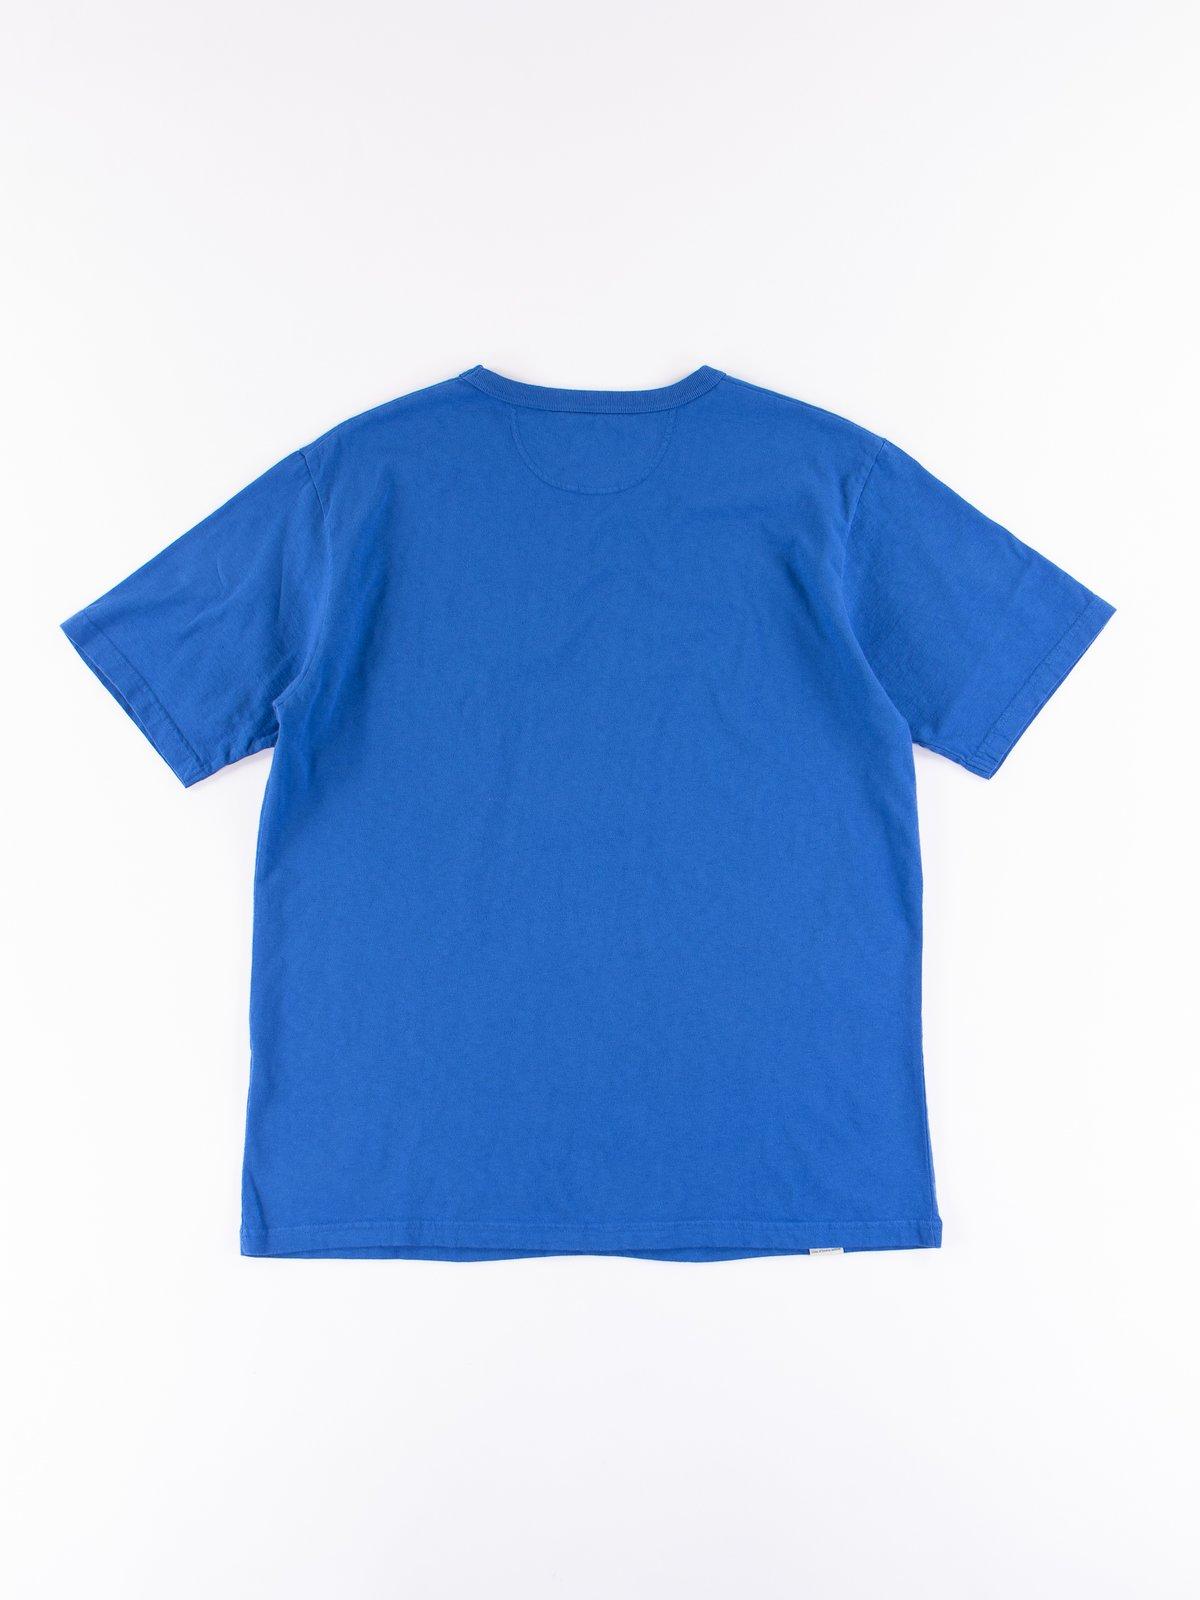 Blue Stripe Cote D'Ivoire Cotton T–Shirt - Image 5